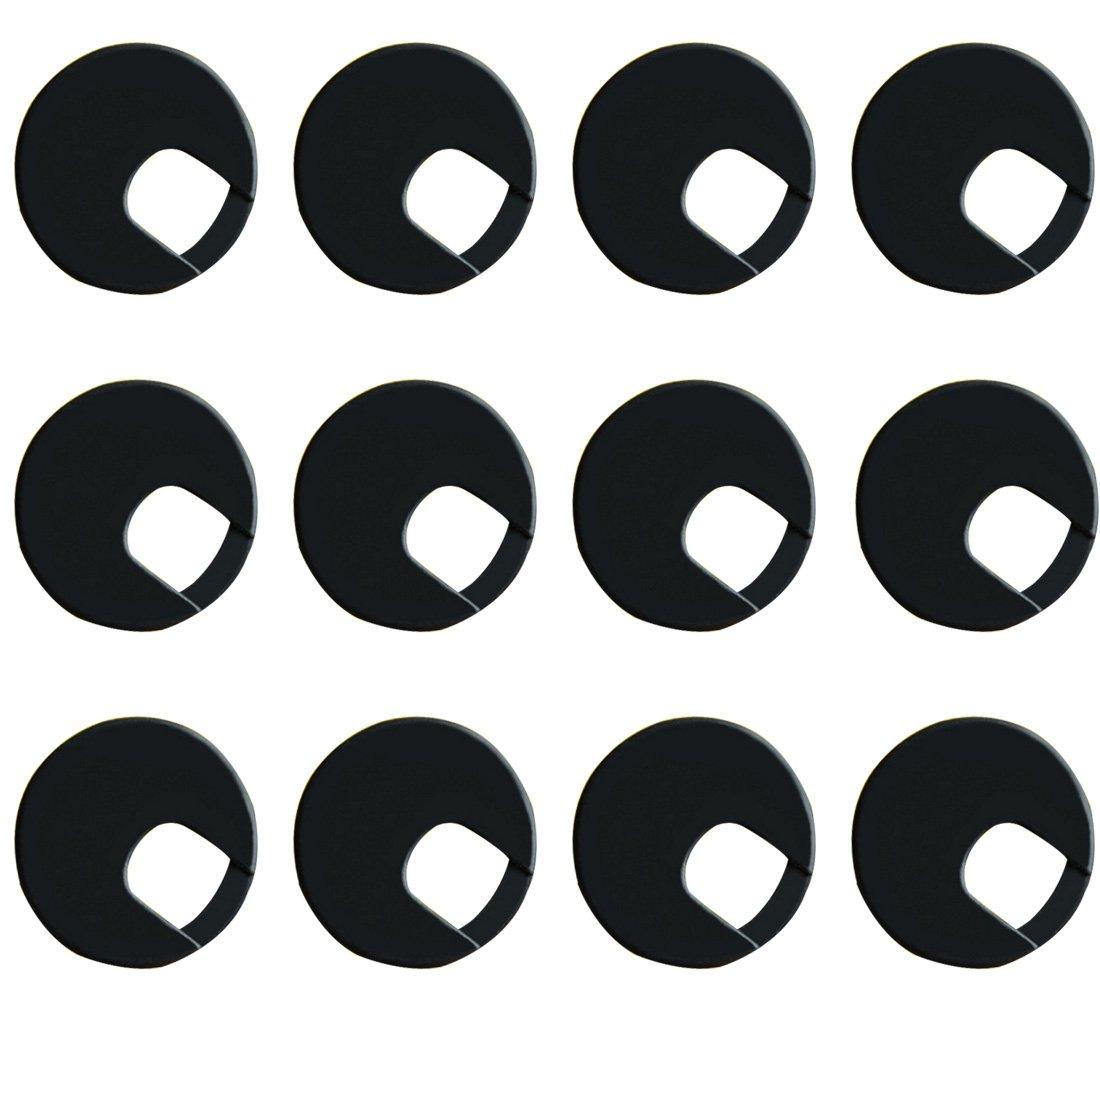 Black Computer Desk Table Counter Top Wire Plastic Grommets 50mm Dia 12Pcs Color Black Ted Lele